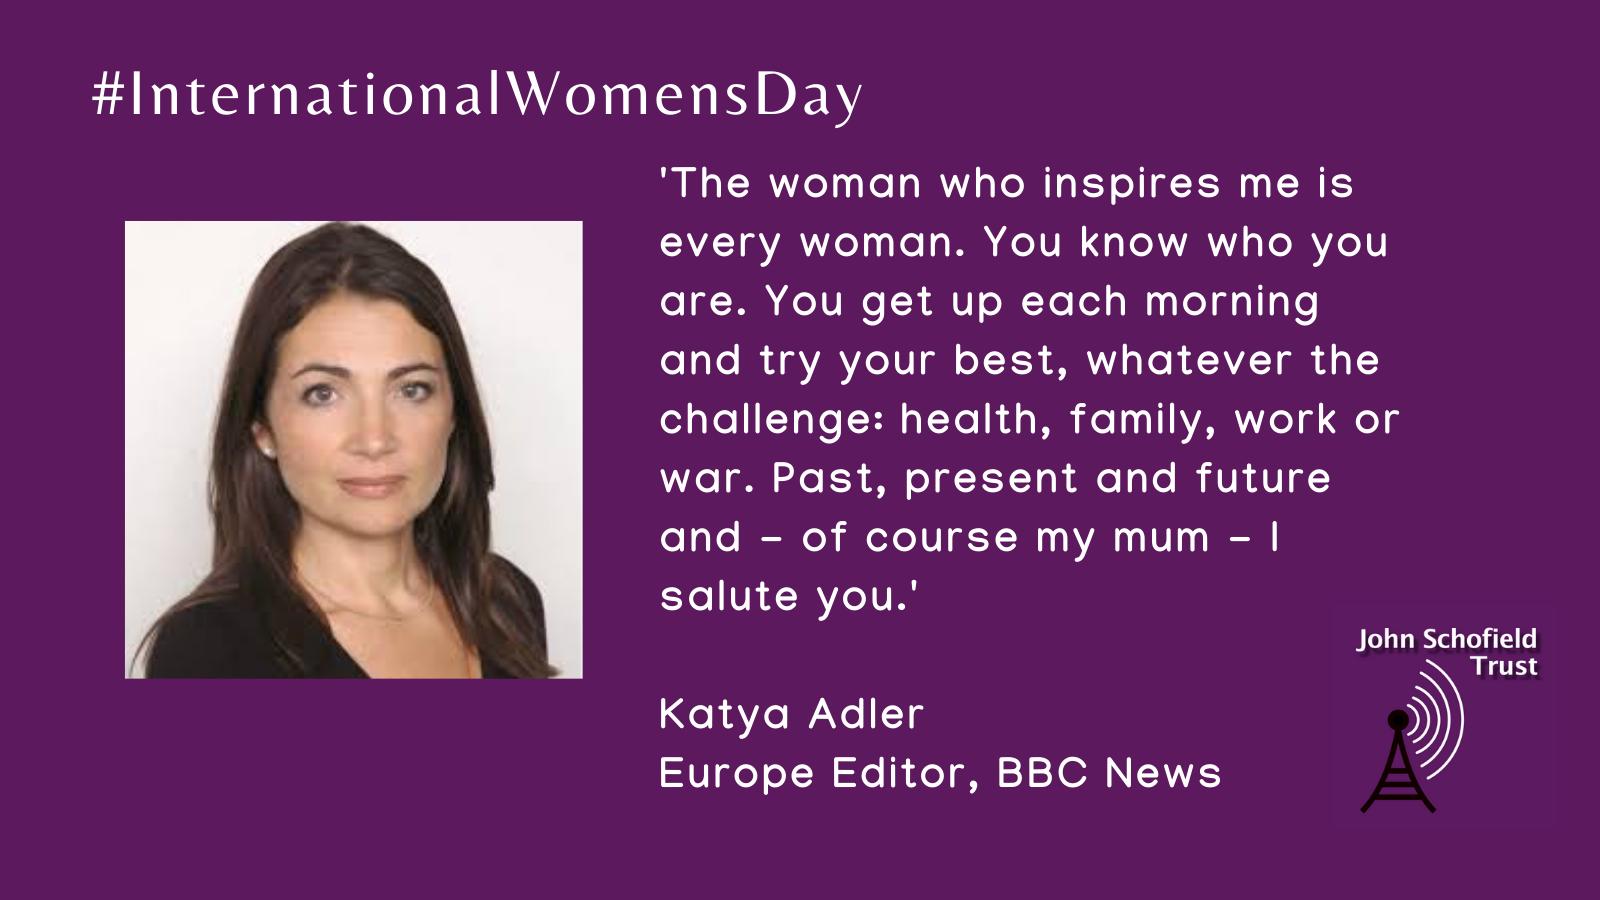 Katya Adler's inspirational women slide for #IWD